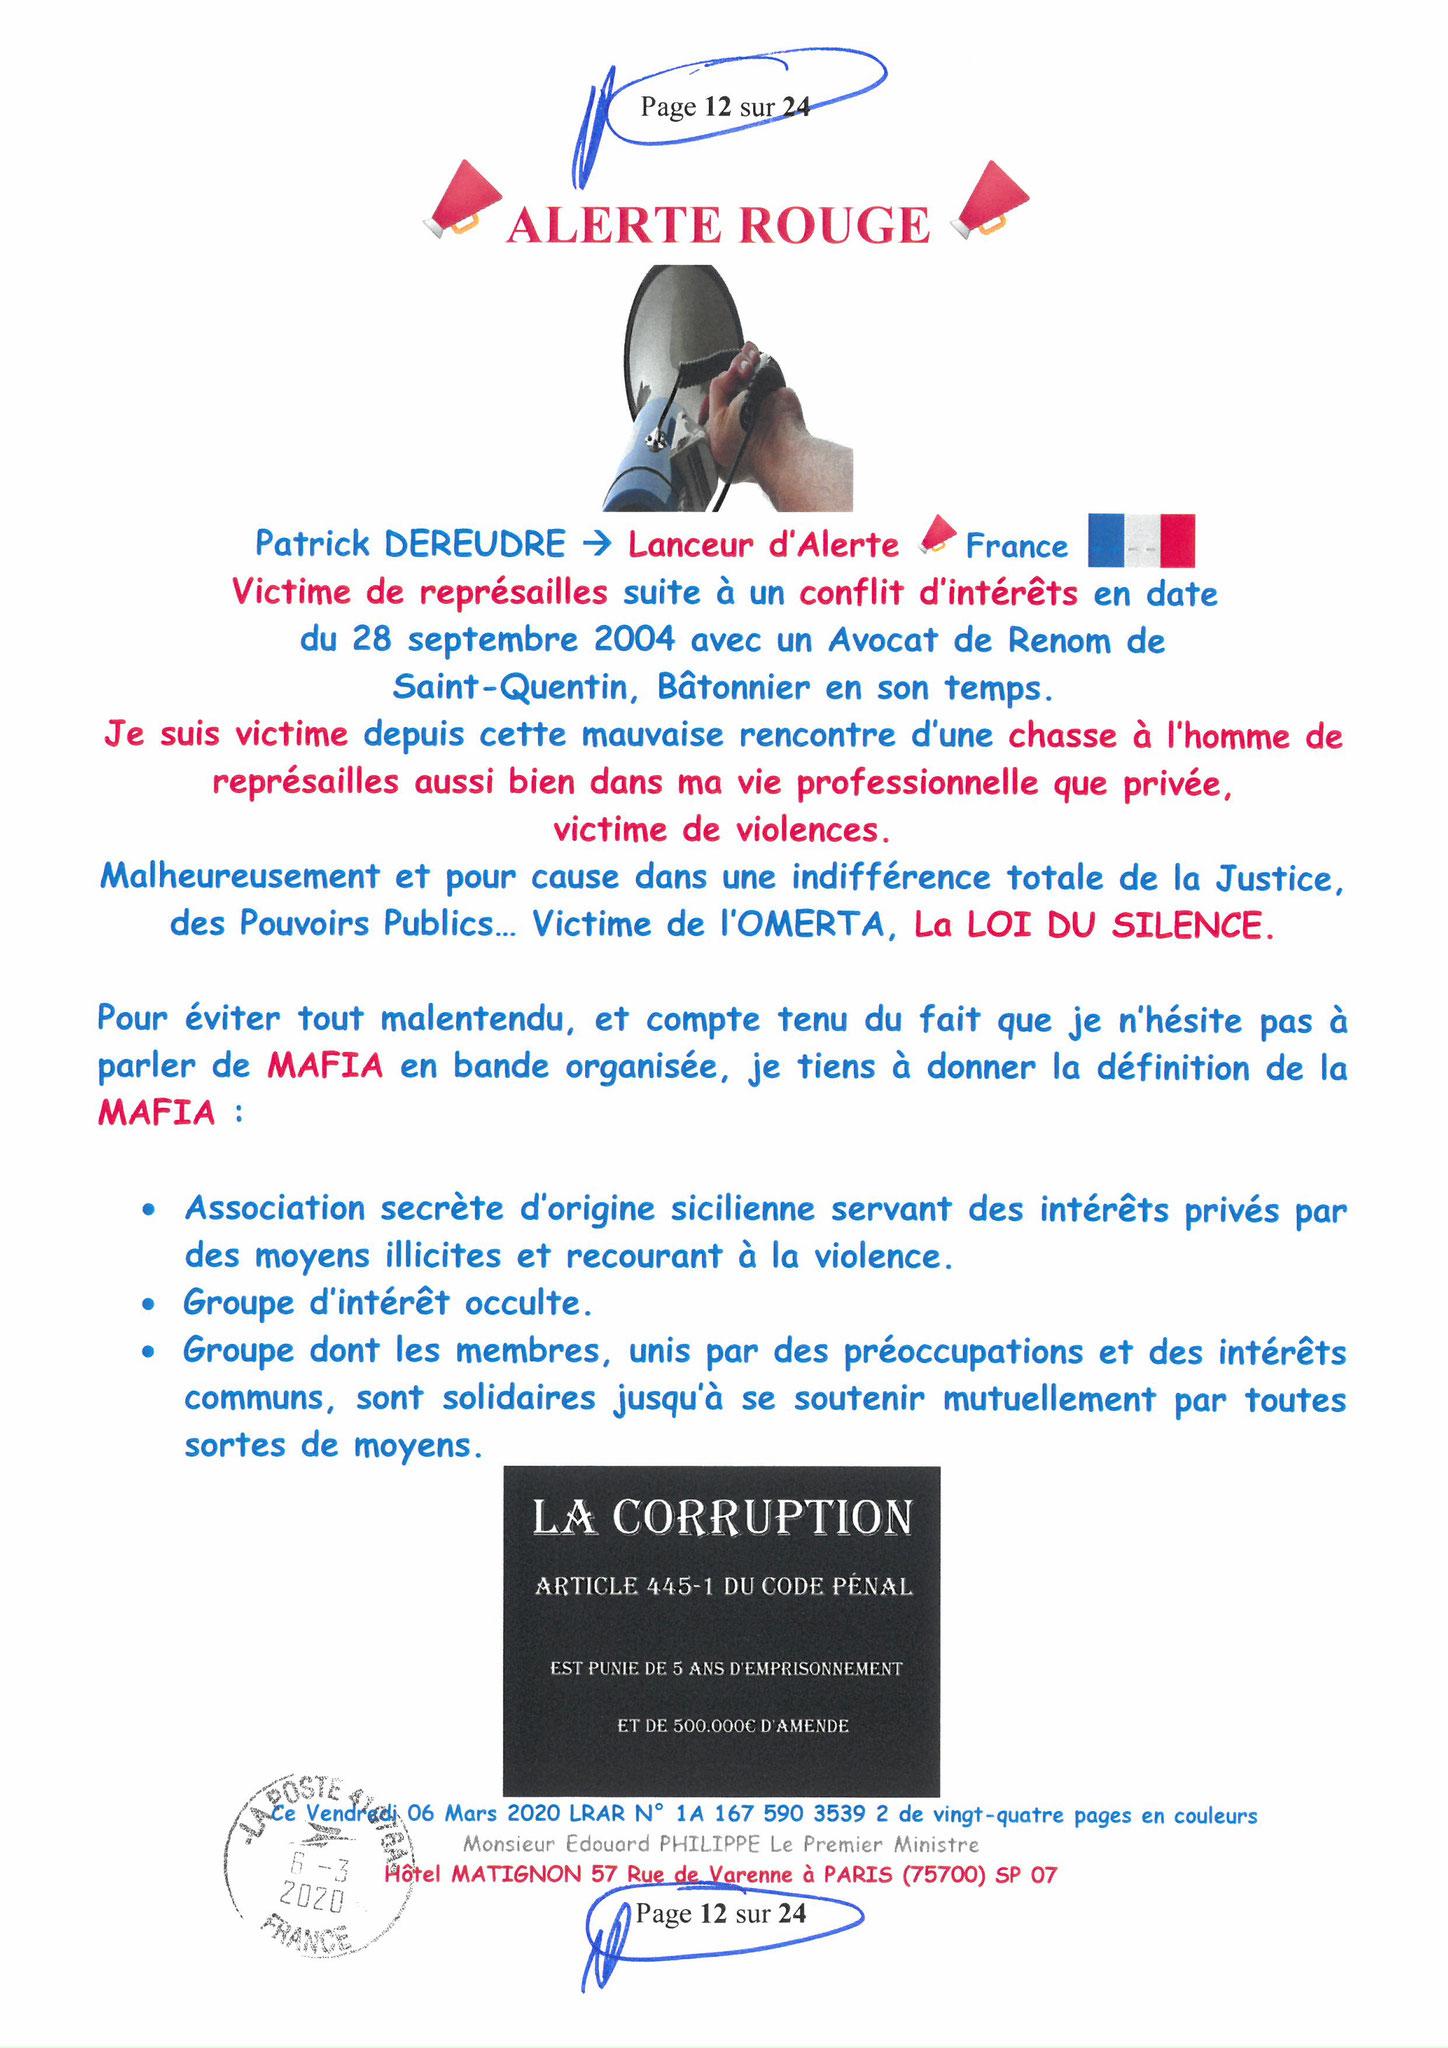 Ma LRAR à Monsieur le  Premier Ministre Edouard PHILIPPE N° 1A 167 590 3539 2 Page 12 sur 24 en Couleur du 06 Mars 2020  www.jesuispatrick.fr